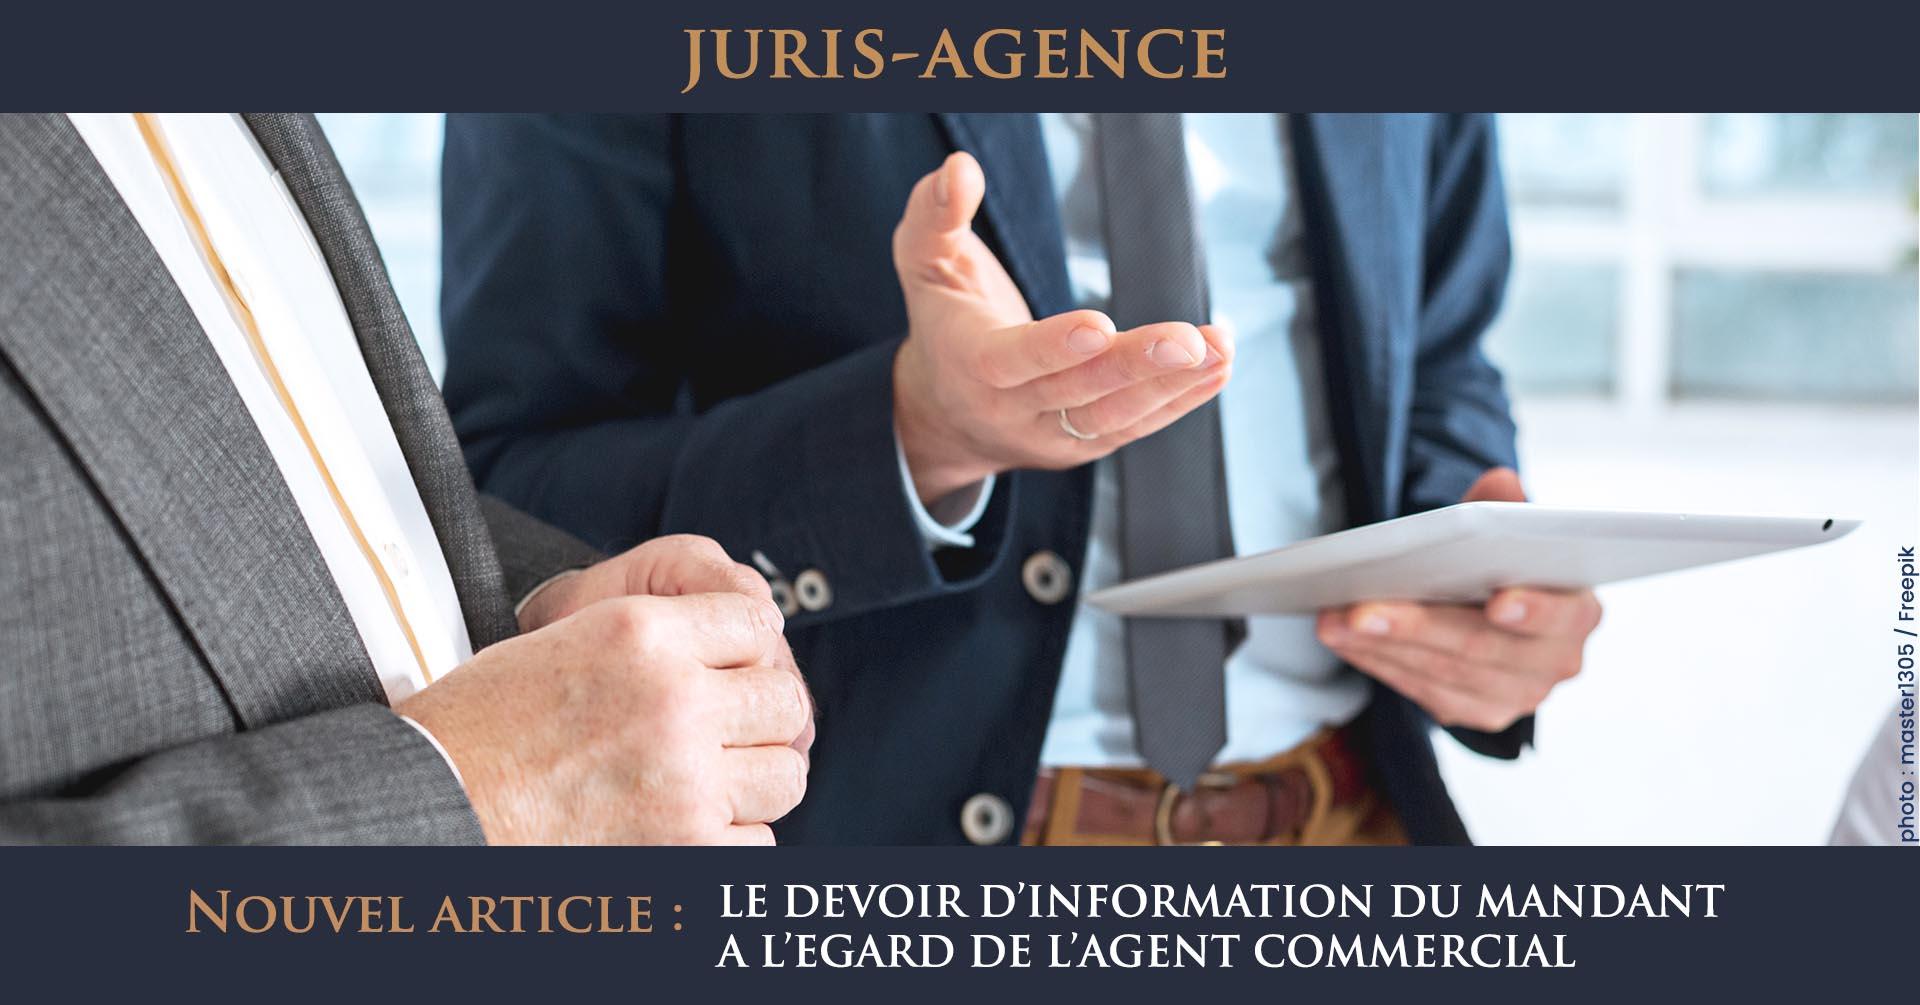 devoir information mandant agent commercial